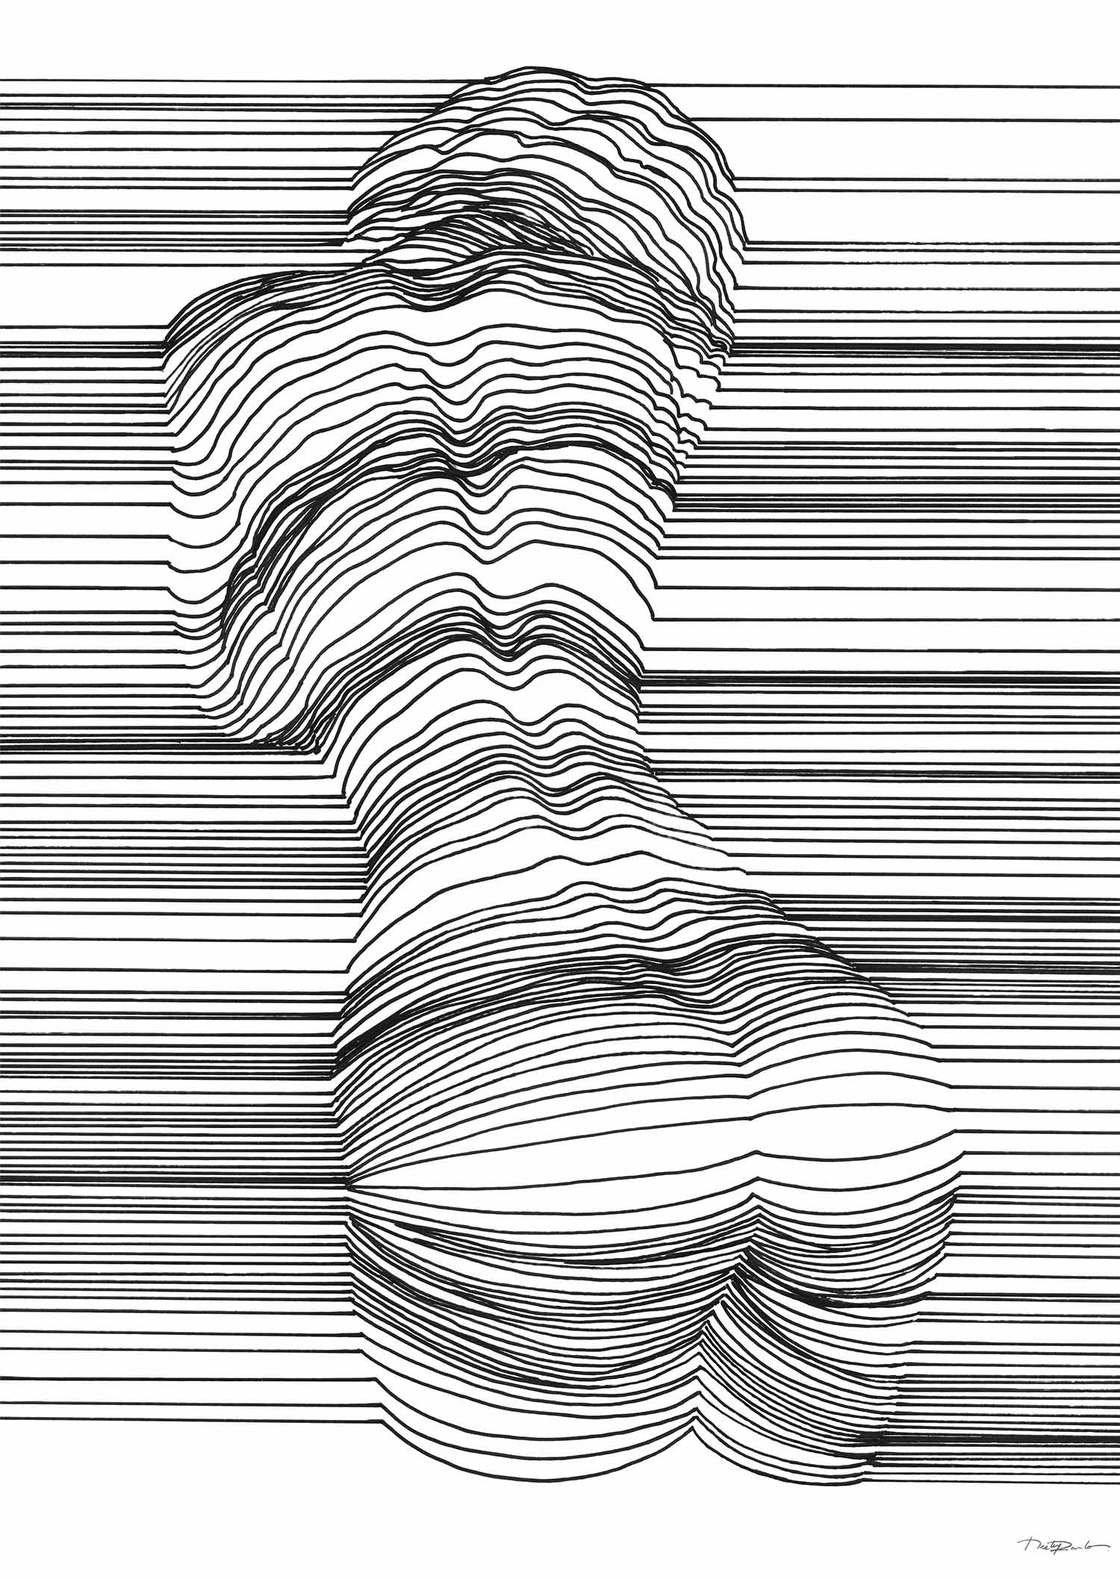 фотограф рисунки из линий карандашом толстые и тонкие отказалась учебы университете